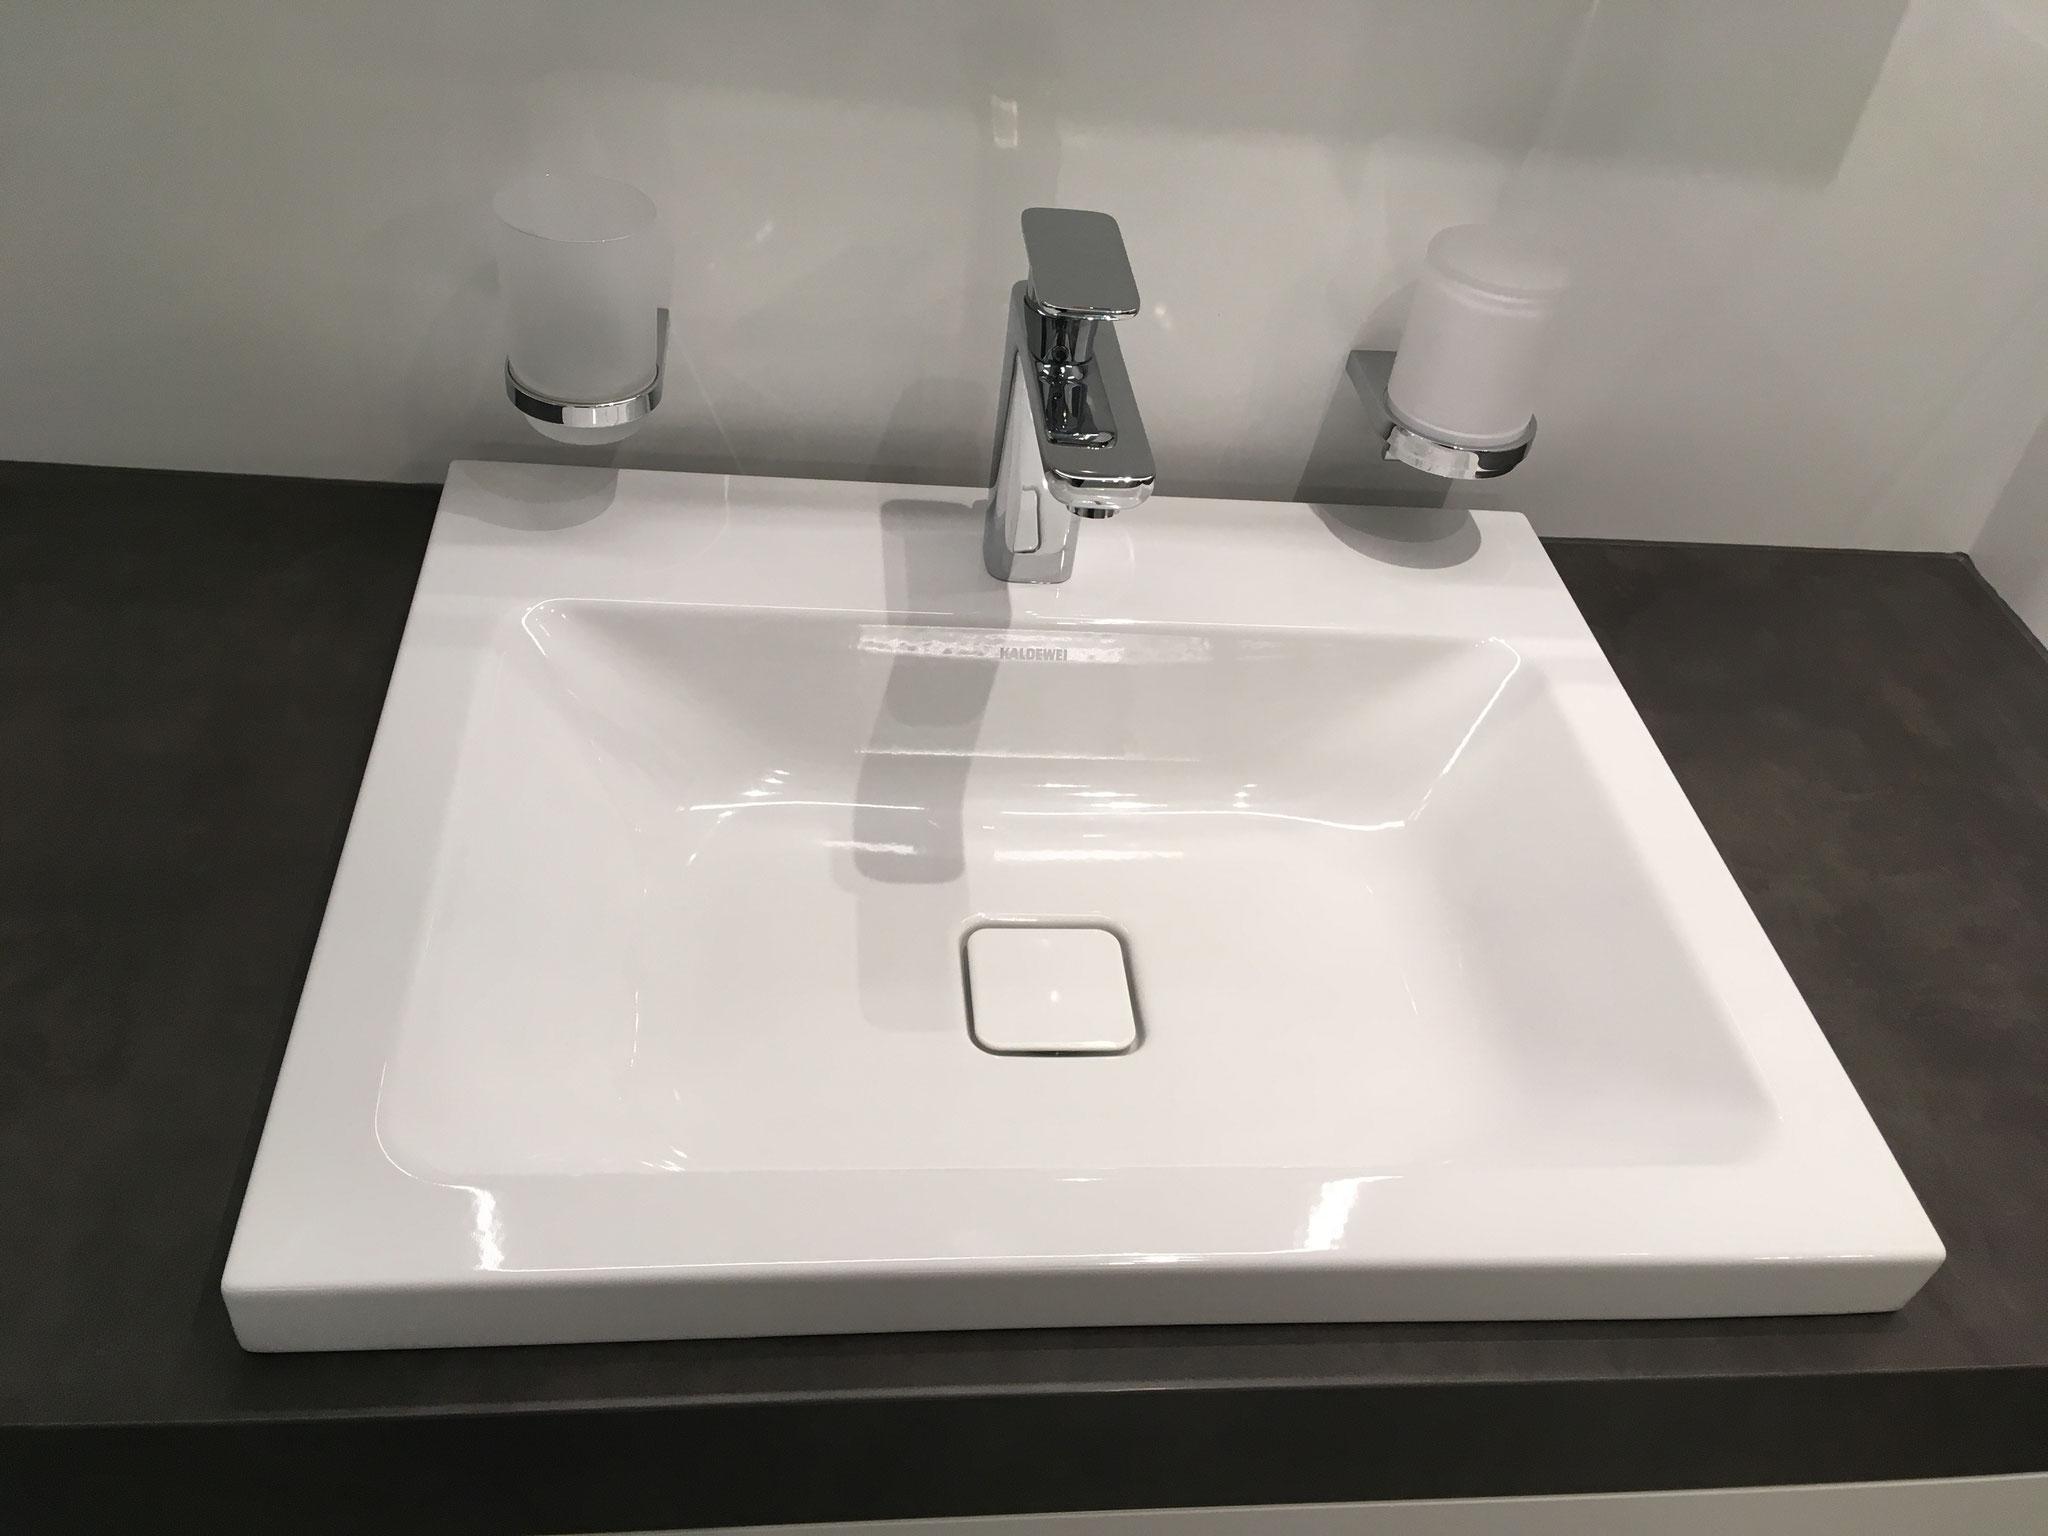 Waschtisch aus Stahlemail